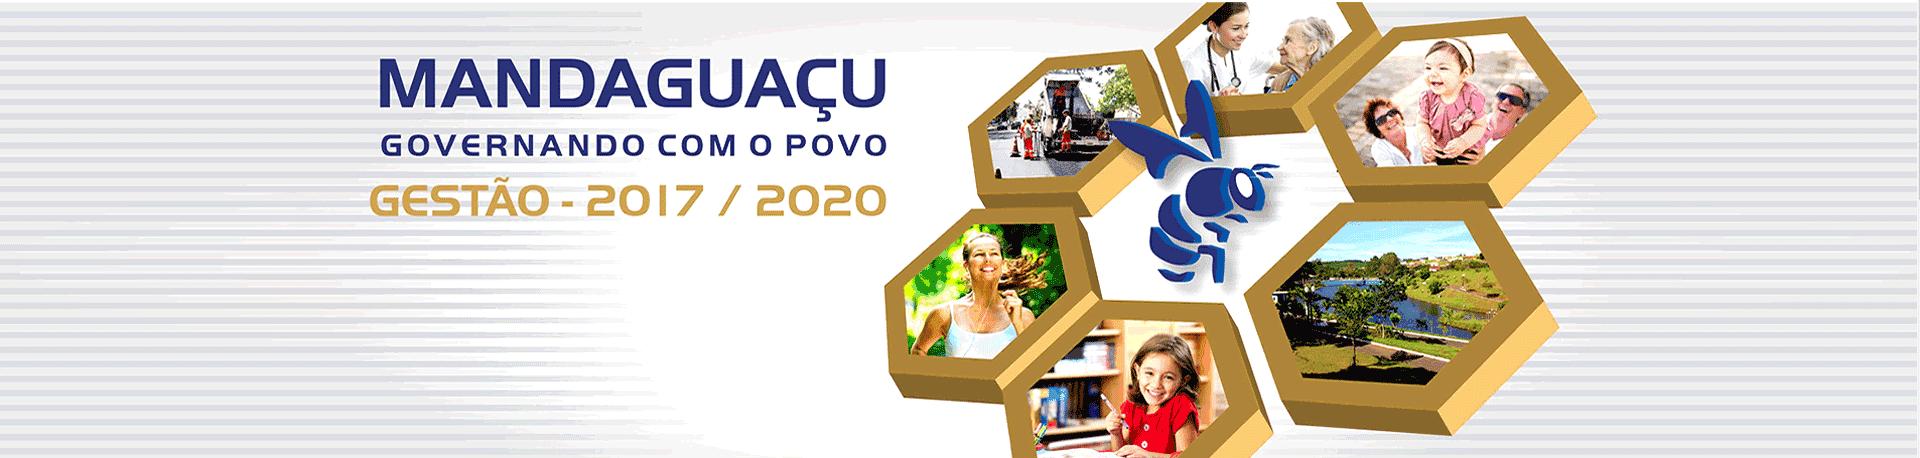 Gestão 2017/2020